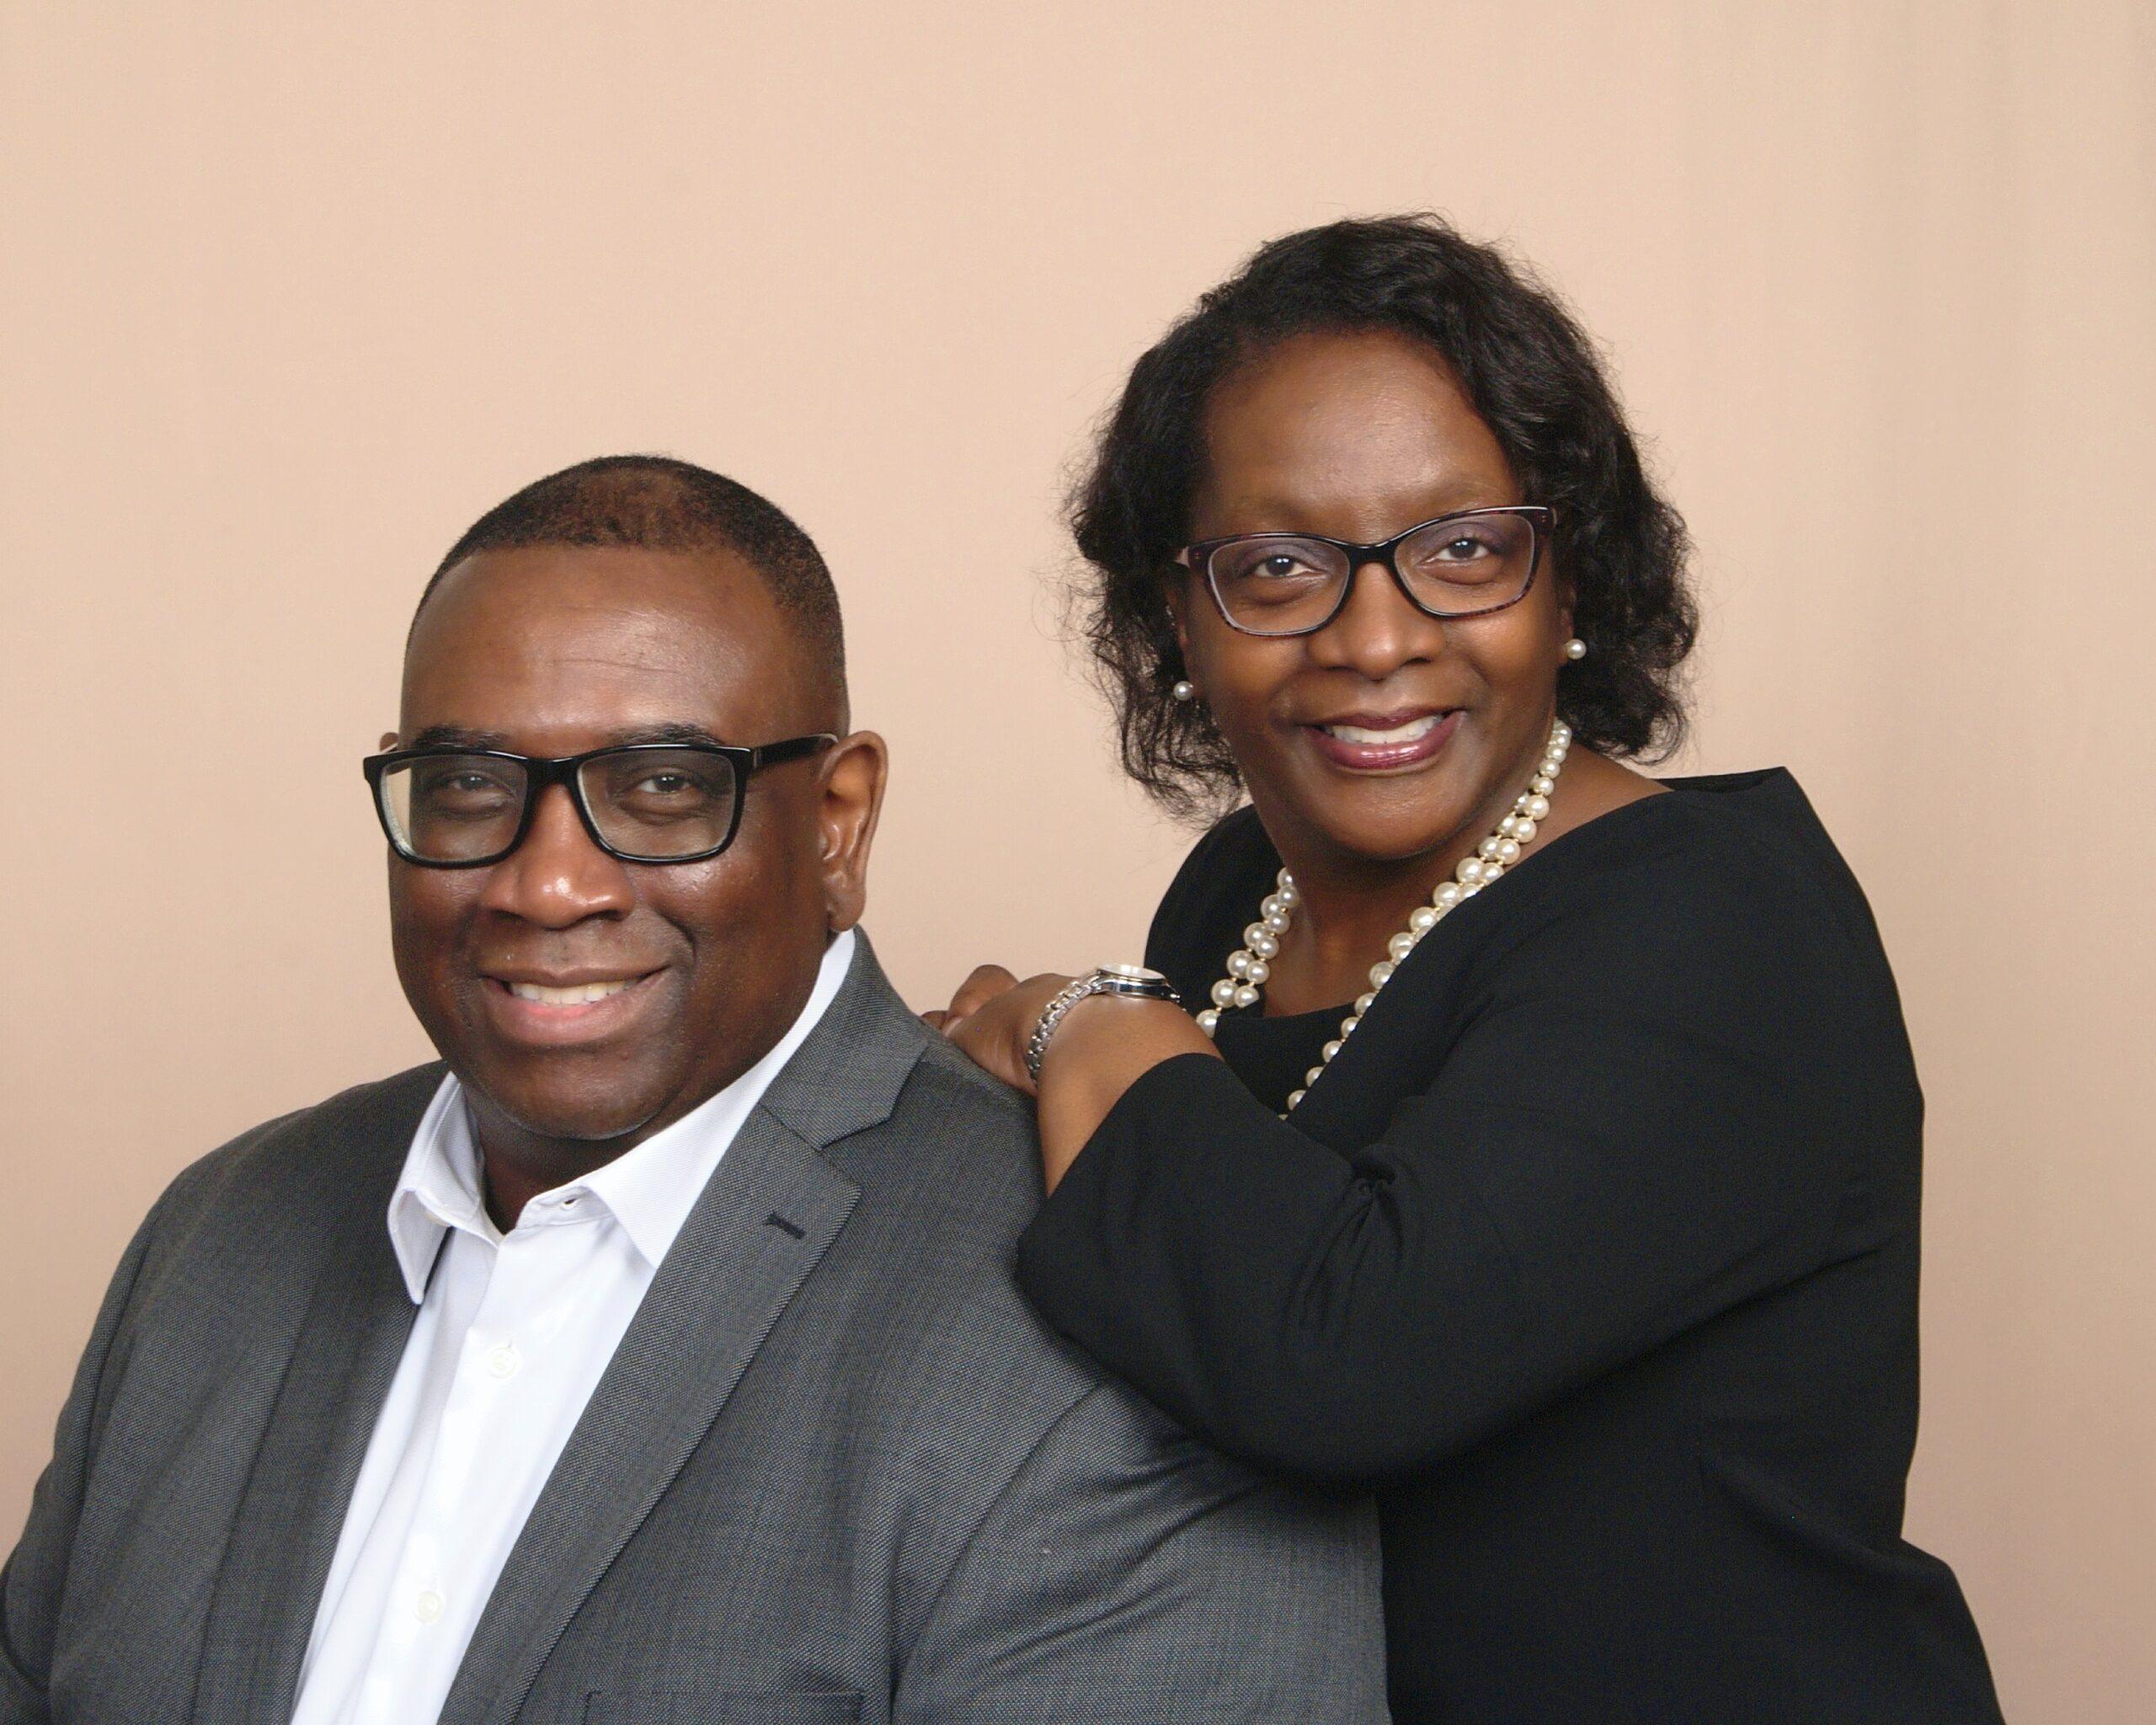 Pastor DeJale & Lady Kella Solomon